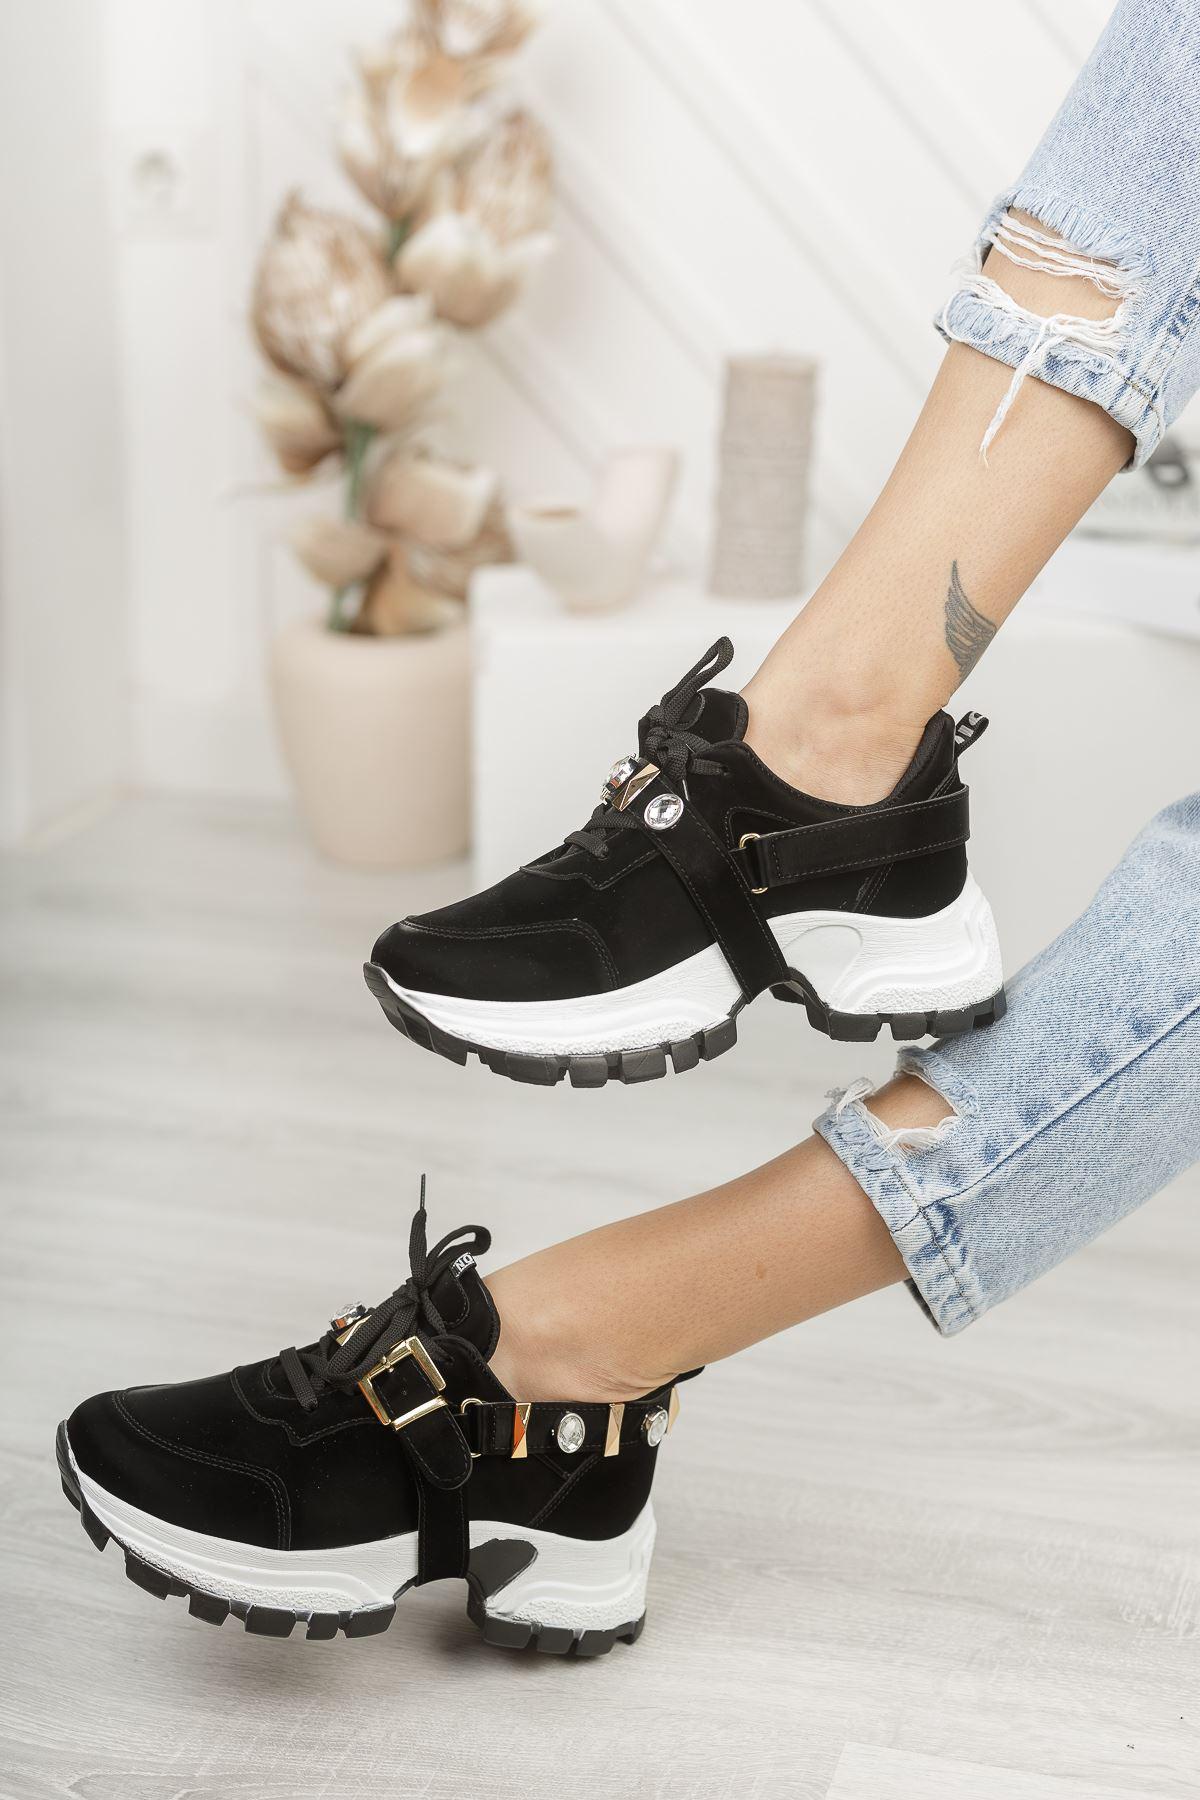 Wego Siyah Rugan Kadın Spor Ayakkabı